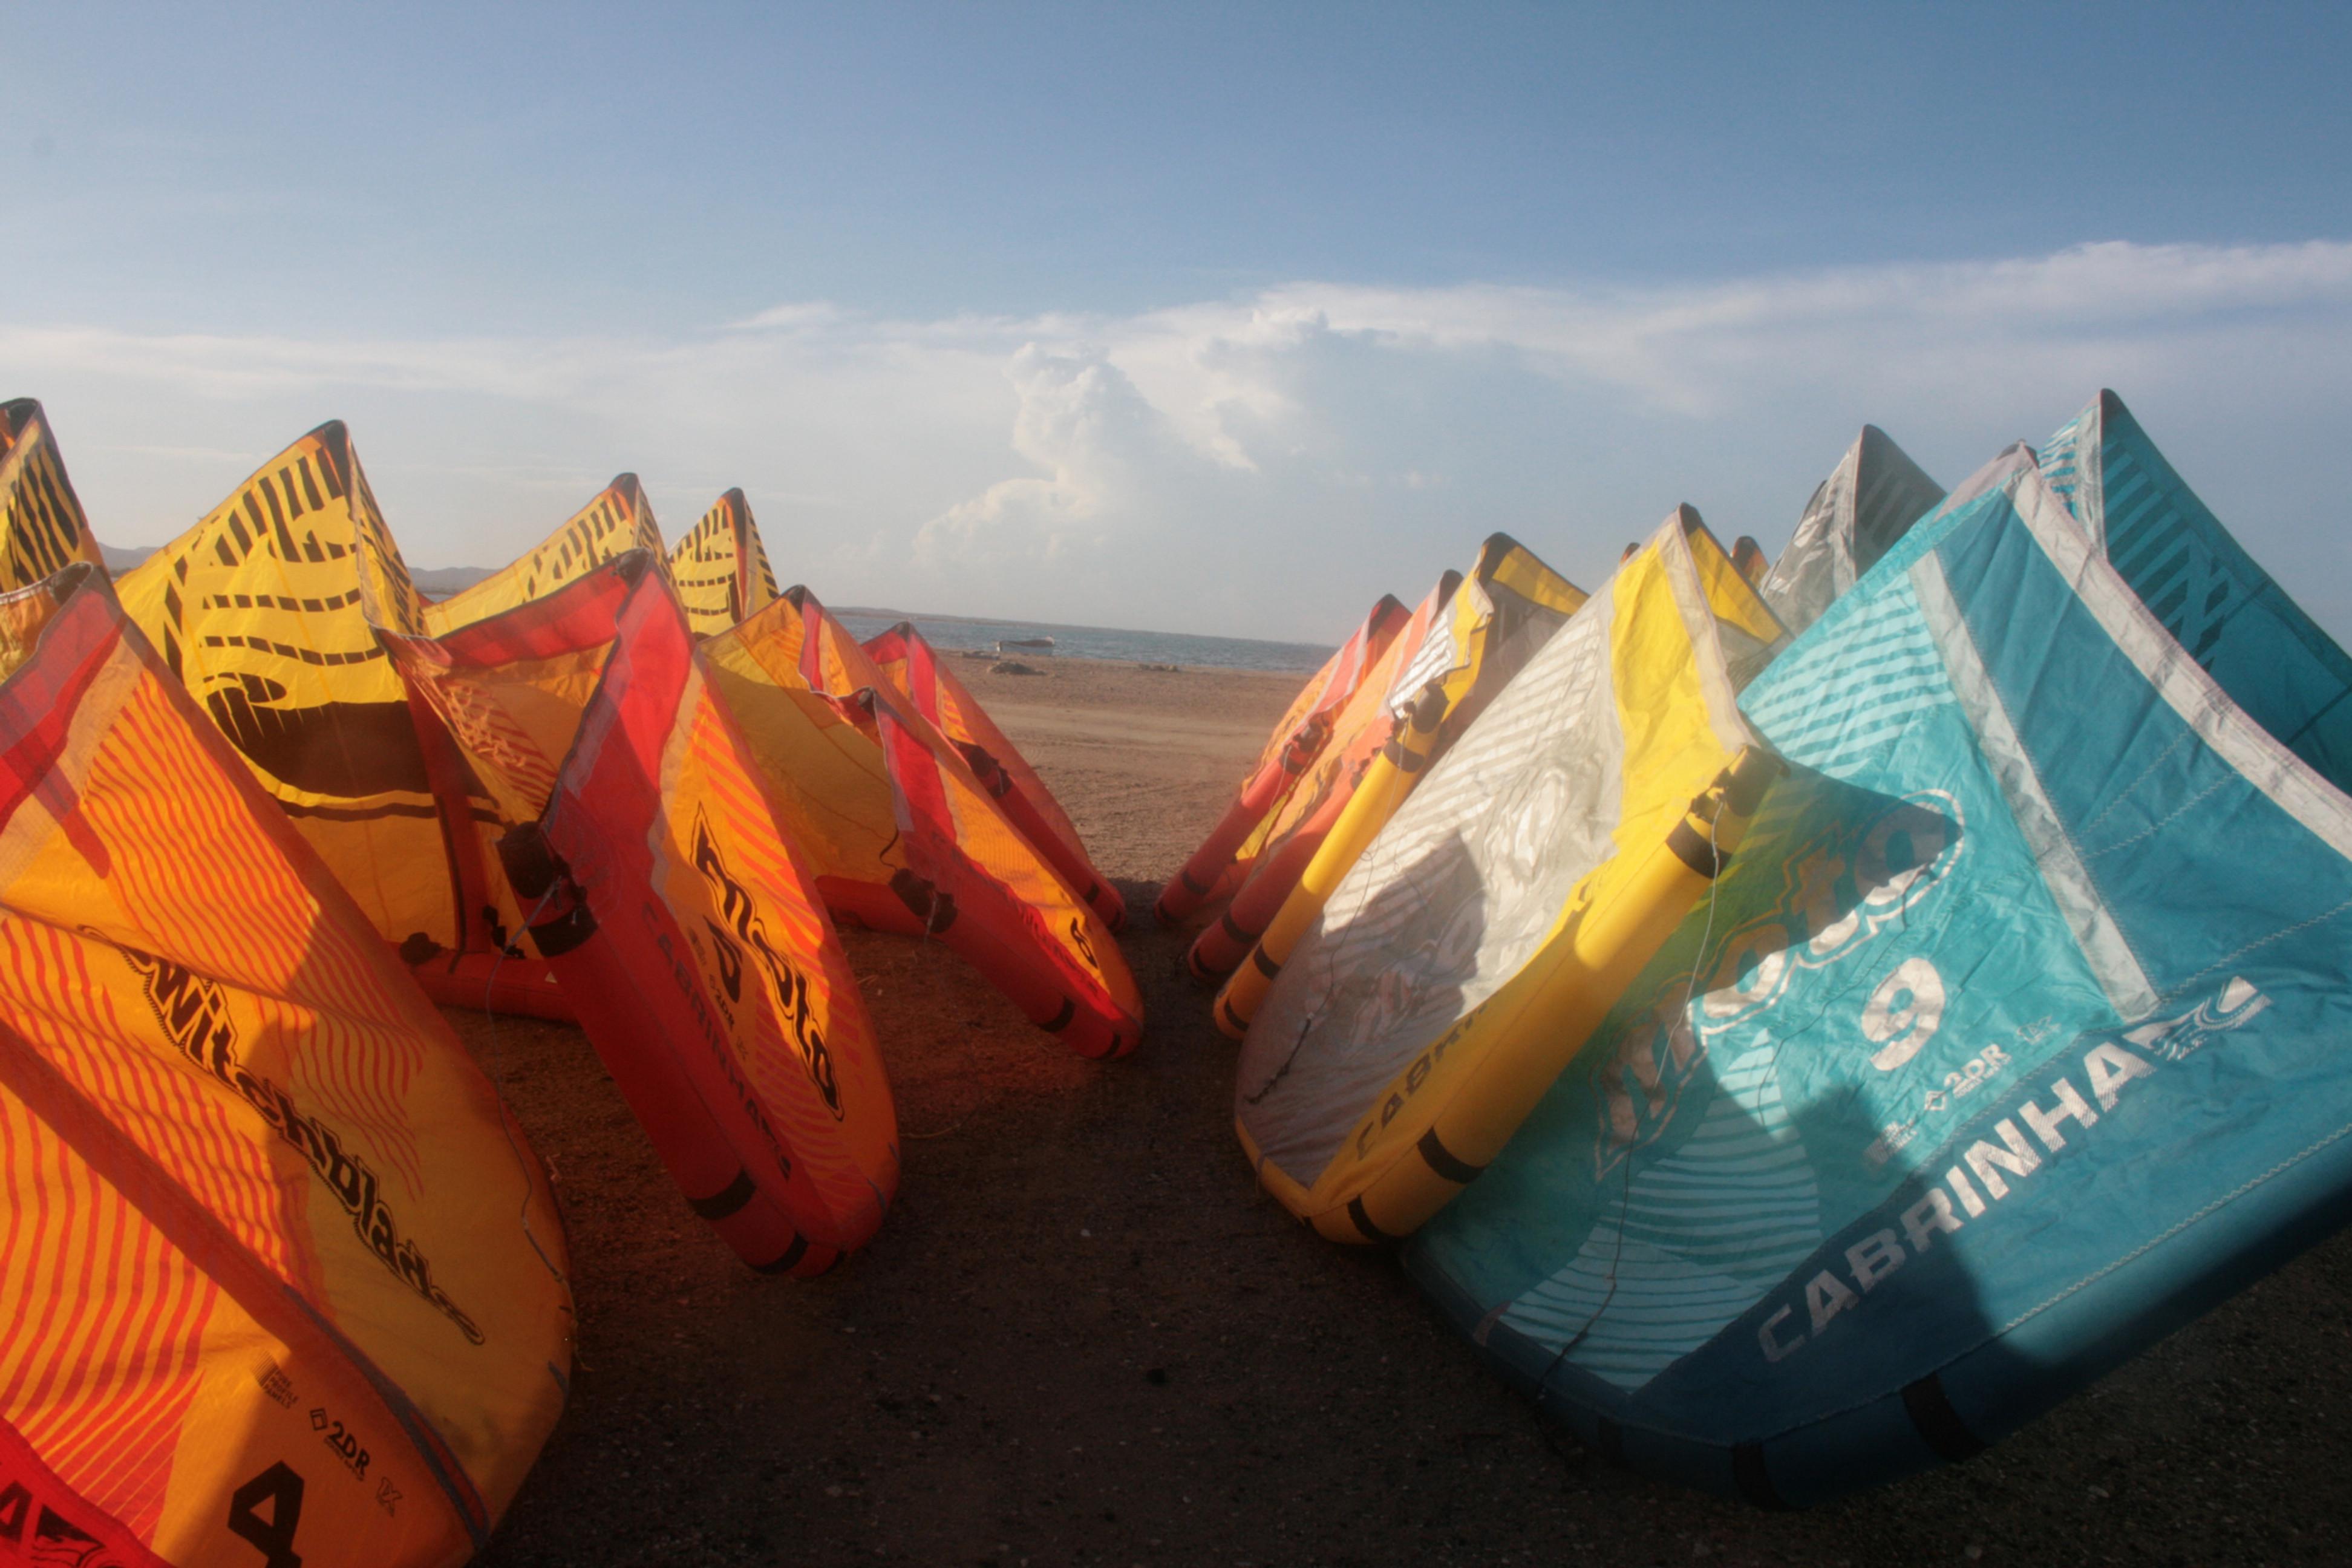 10h kitesurfing lessons